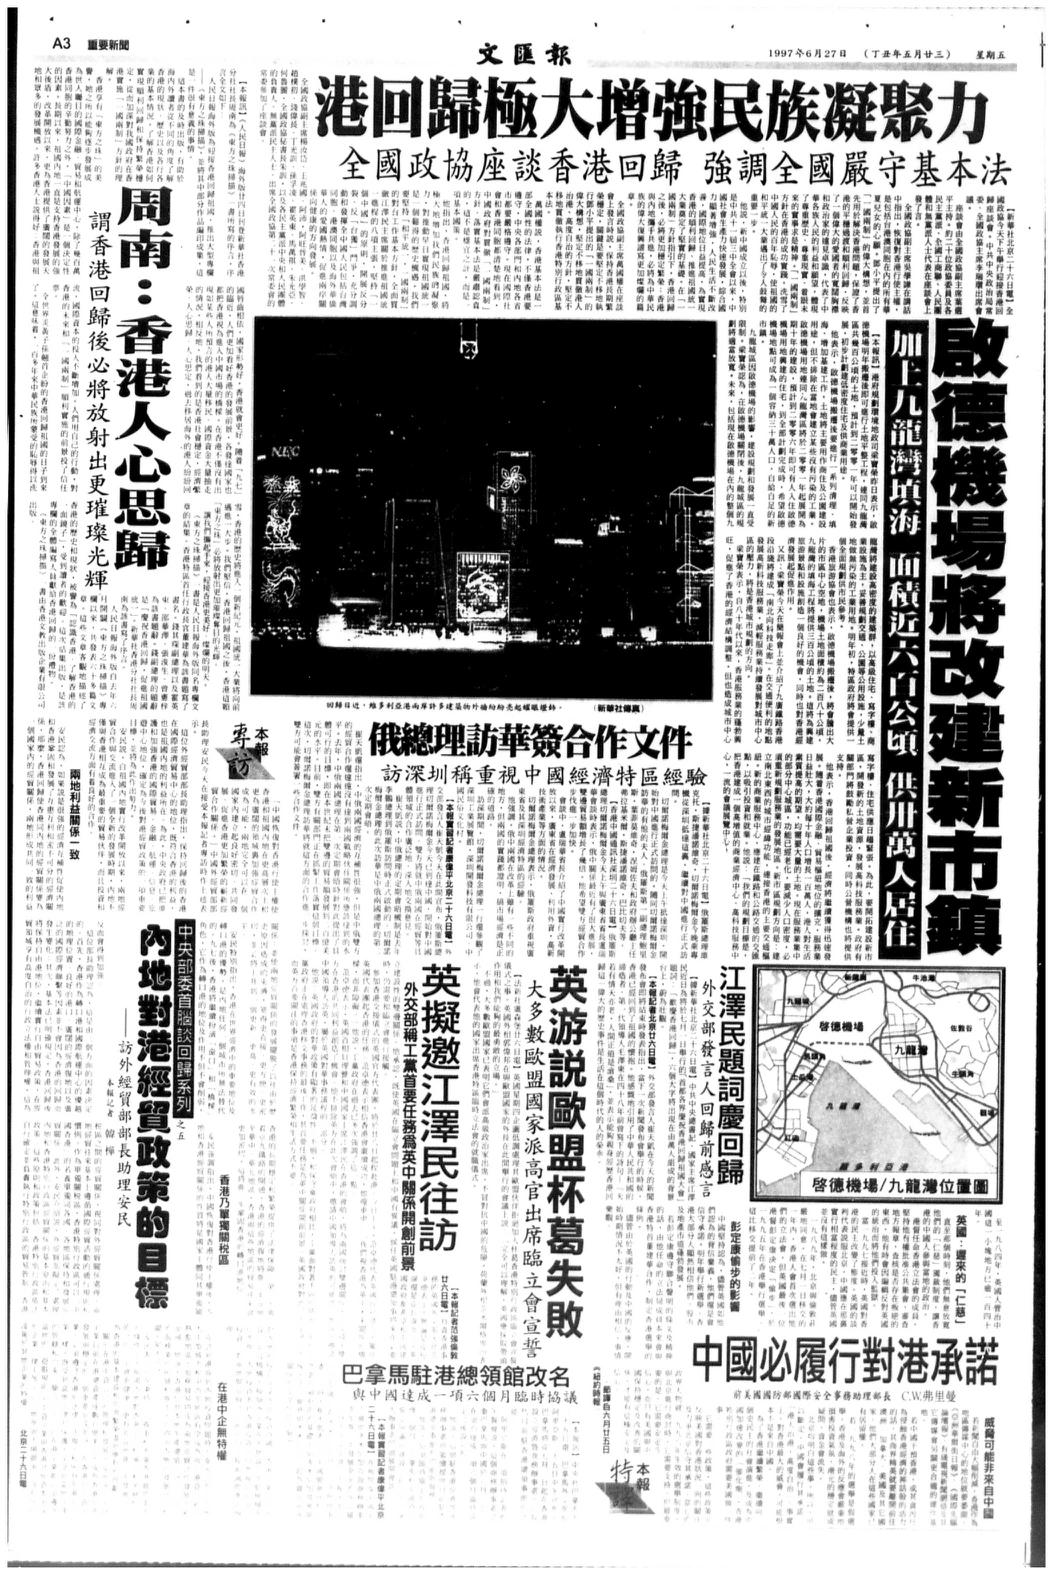 1997年6月27日,《文匯》A3版說香港「人心思歸」、回歸能「增強民族凝聚力」。(由於《文匯報》當日頭版為廣告,故選取了有內容的第一版(A3))